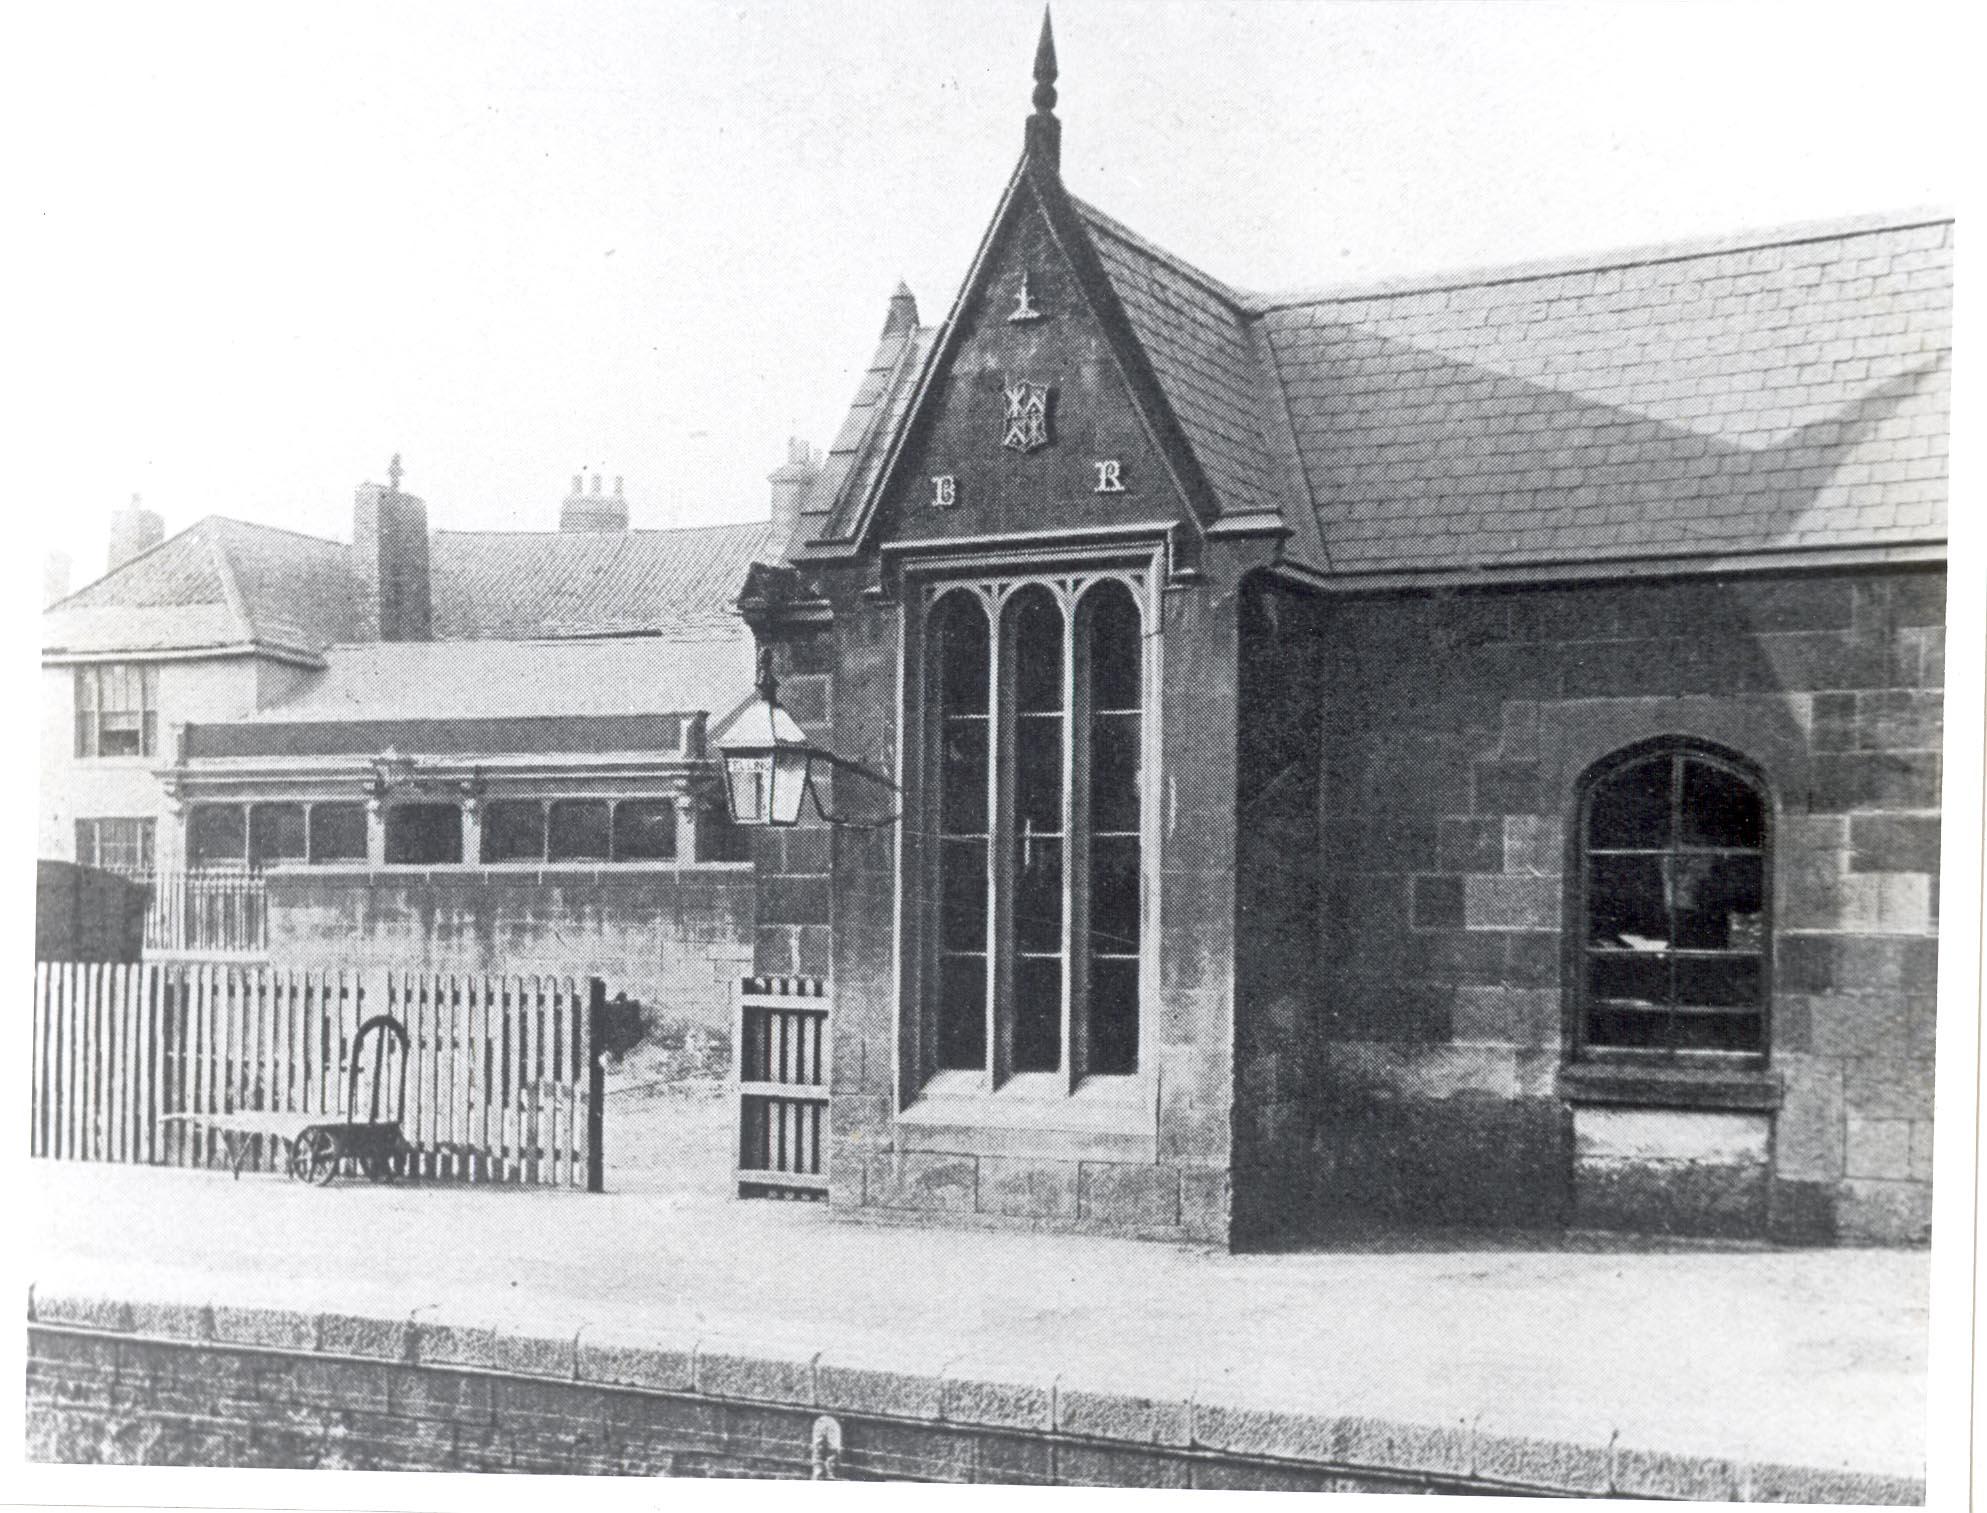 Brandling Station, Felling